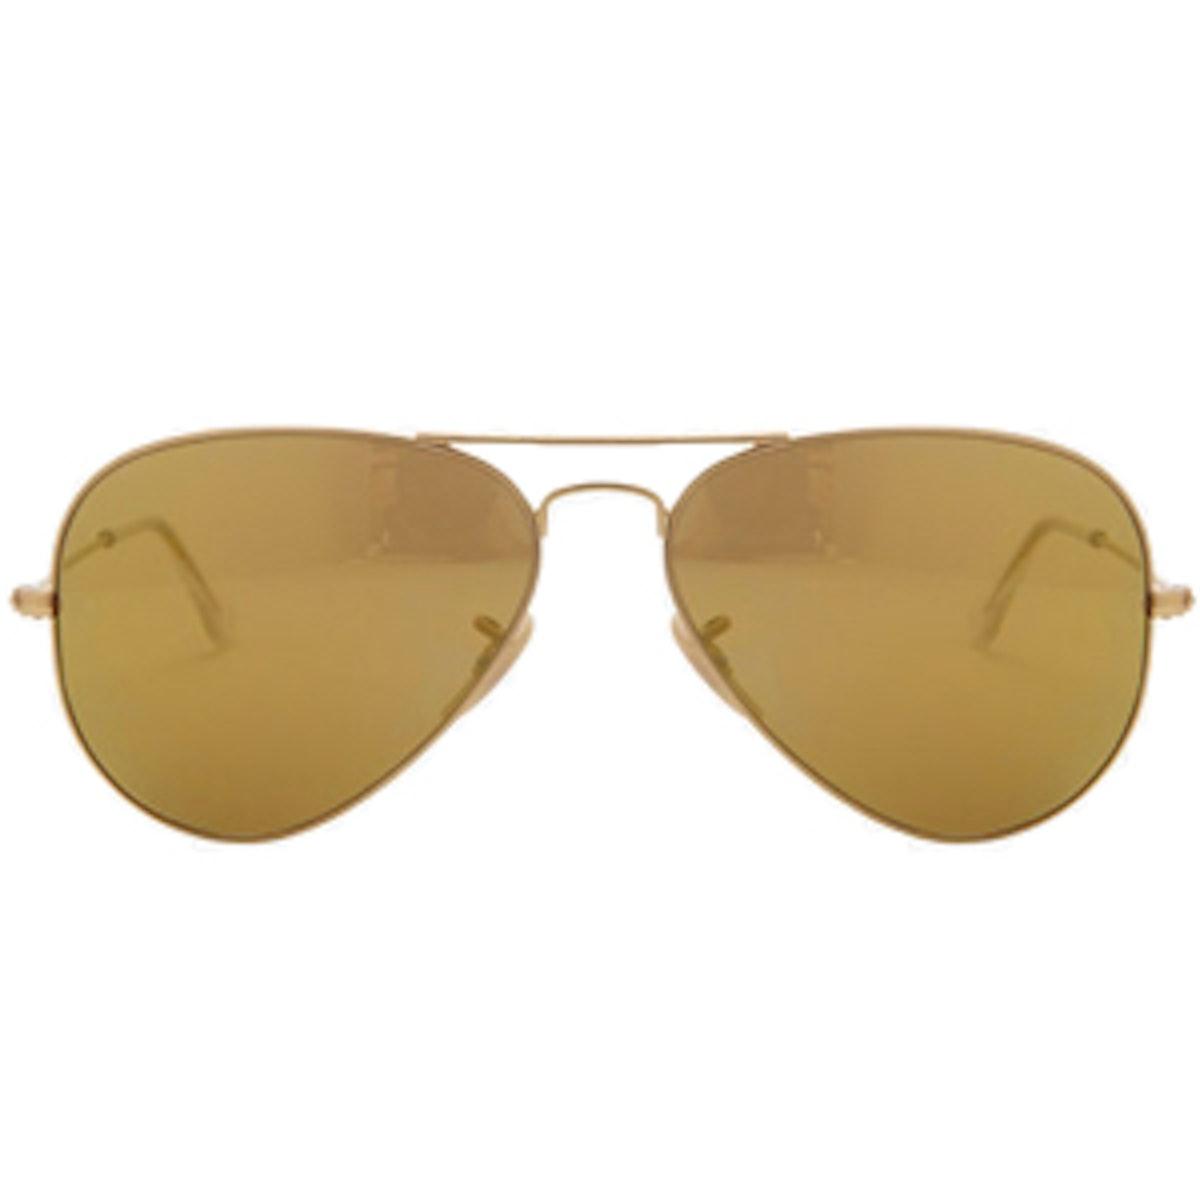 Gradient Lenses Aviator Sunglasses